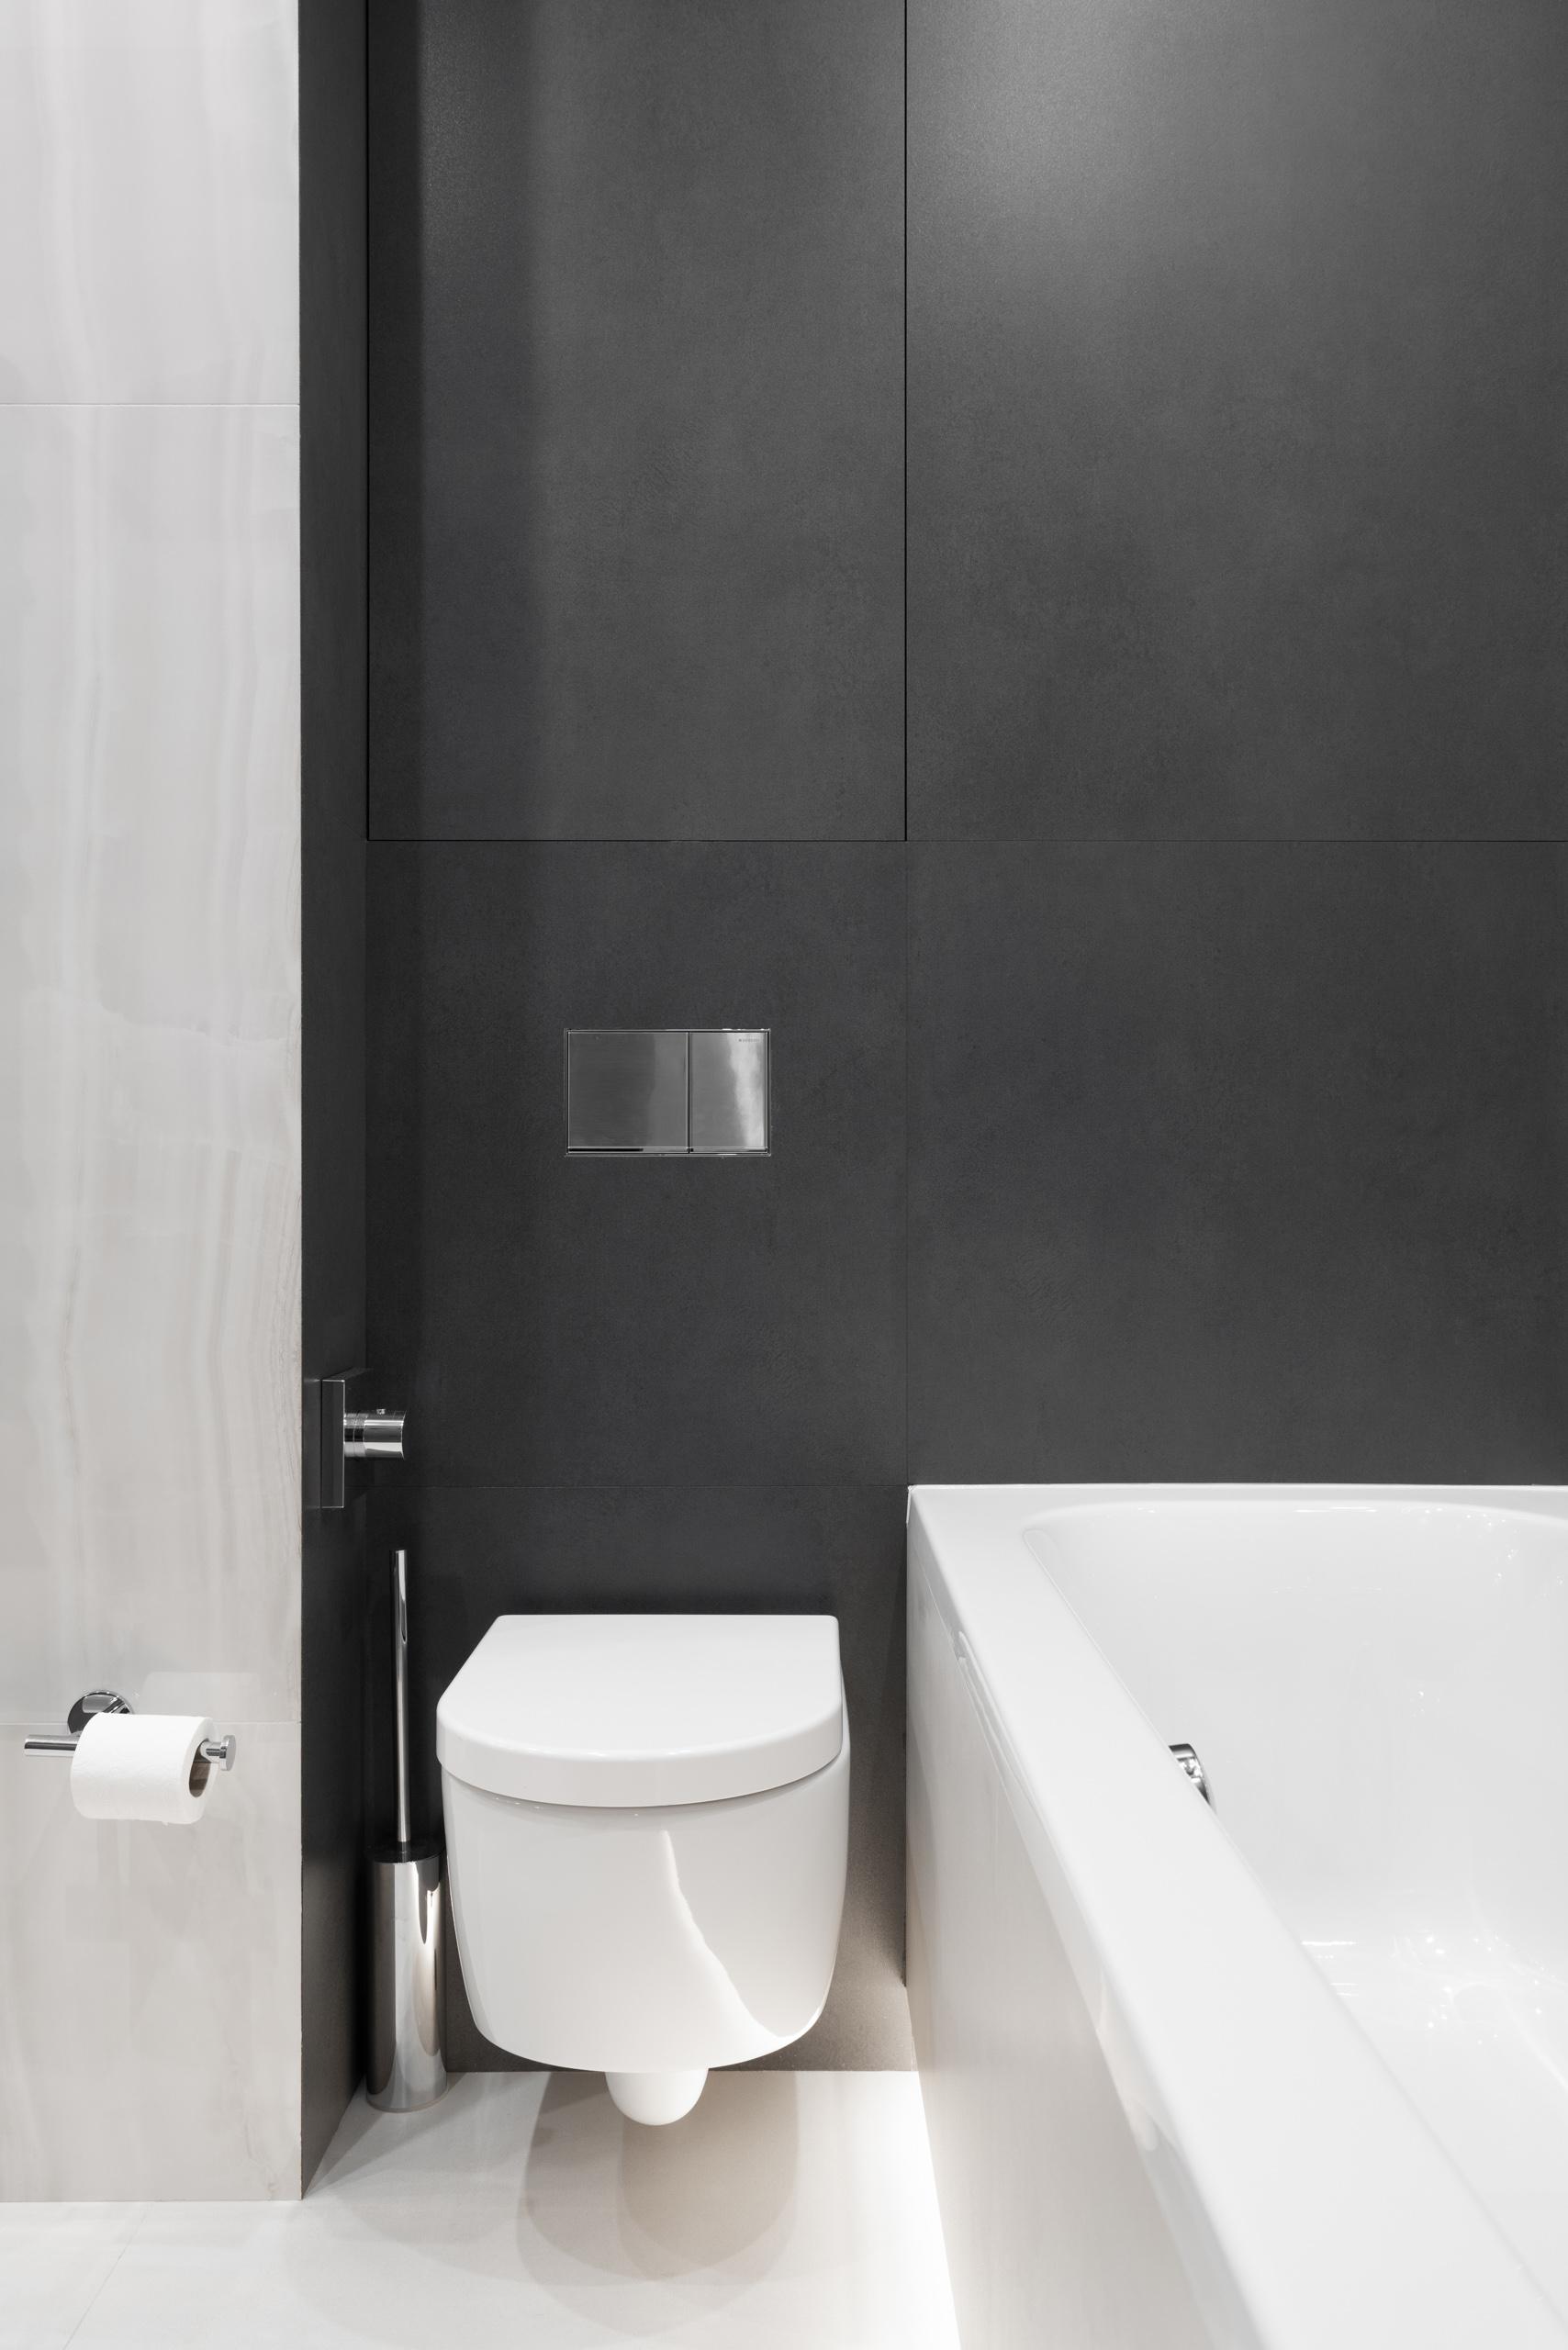 Фотосъемка интерьера ванной комнаты